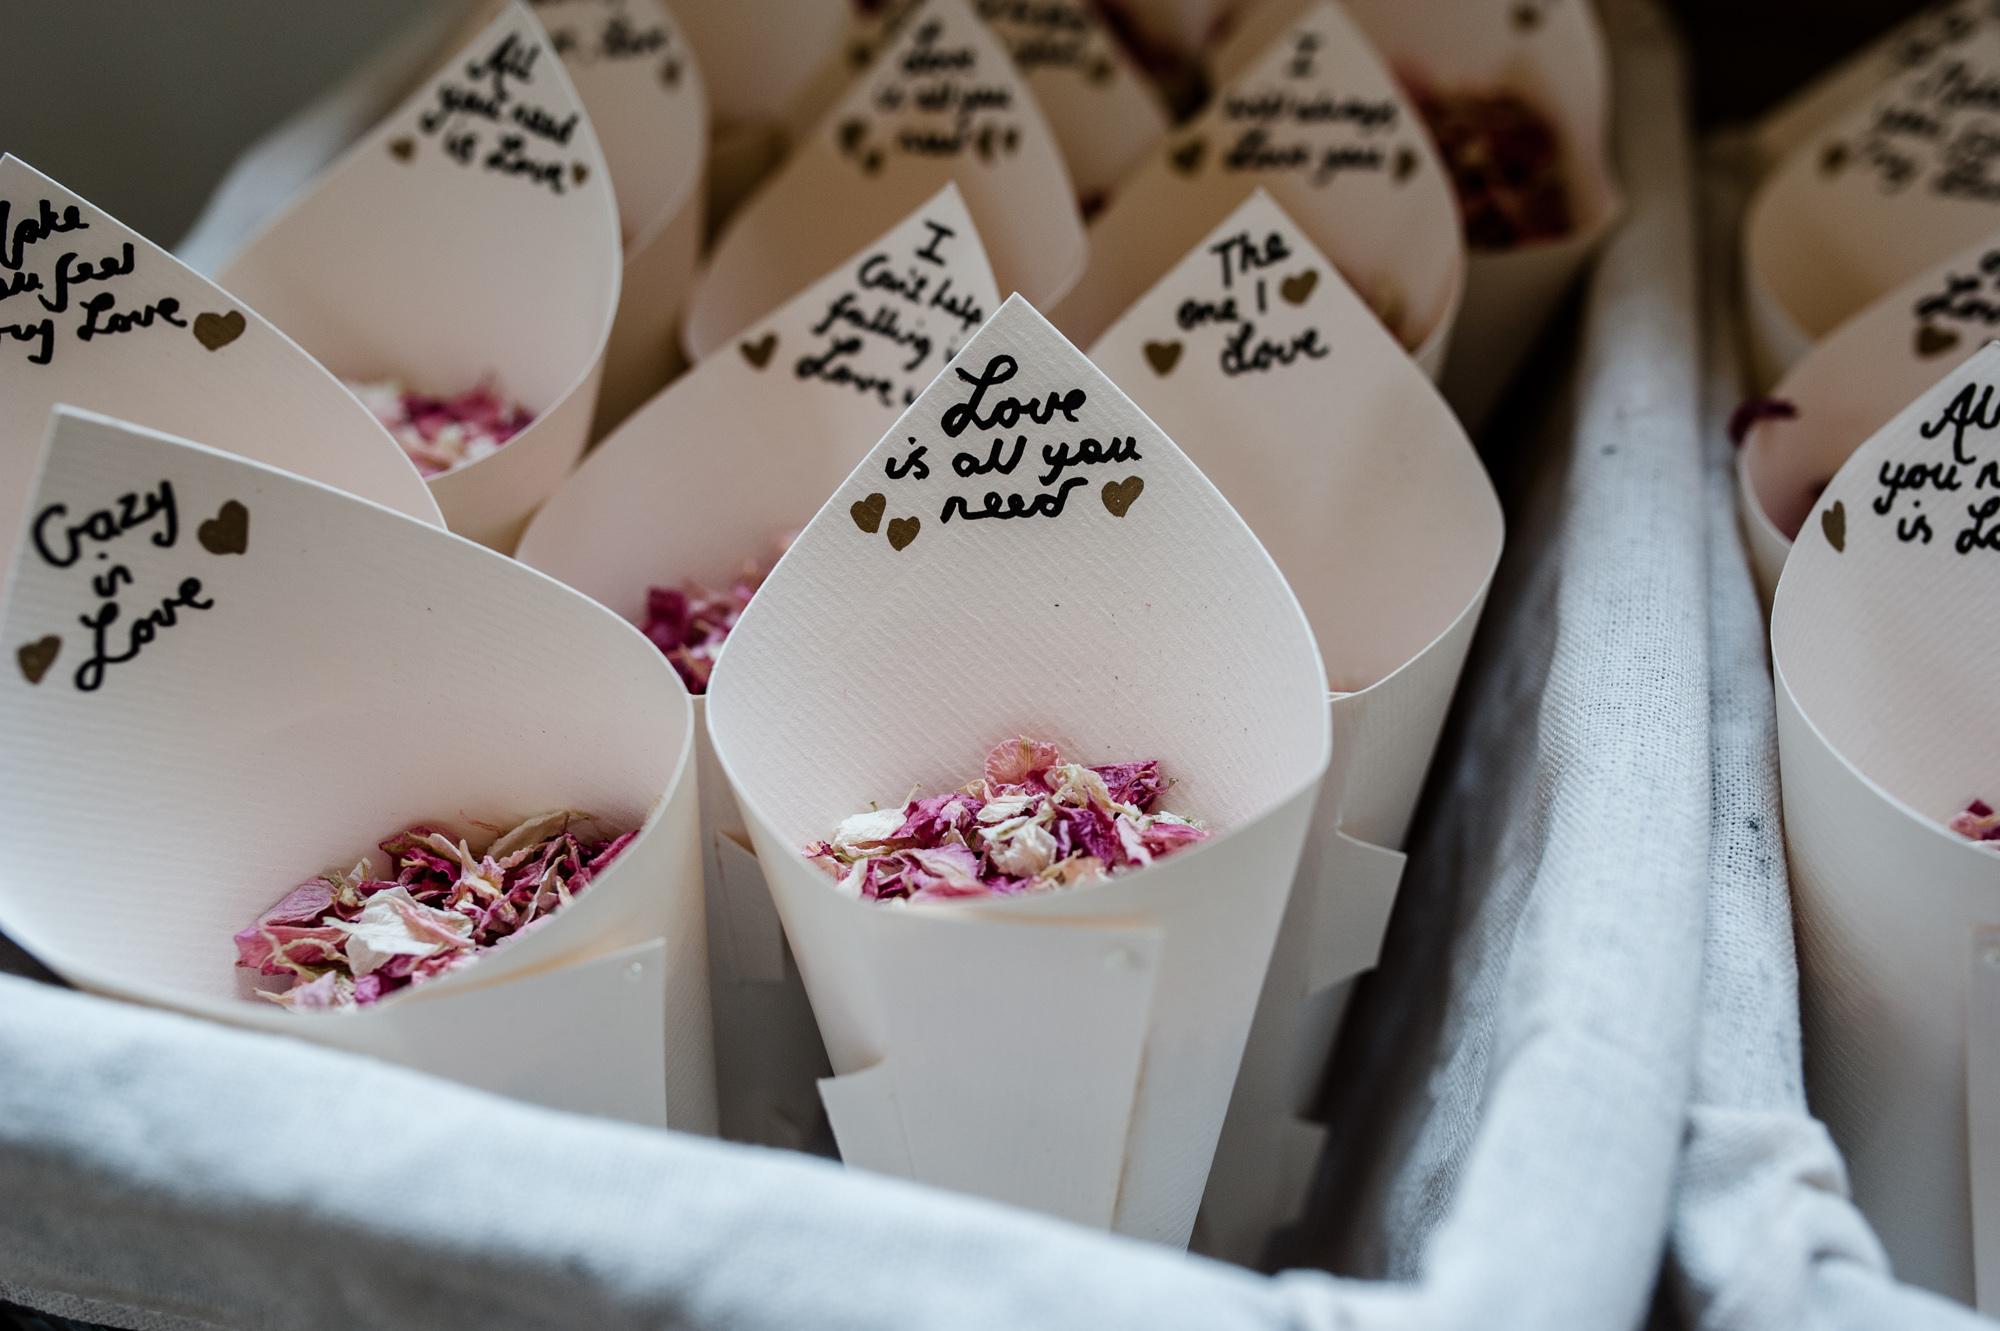 Notley Barn Wedding 26.10.18 6.jpg